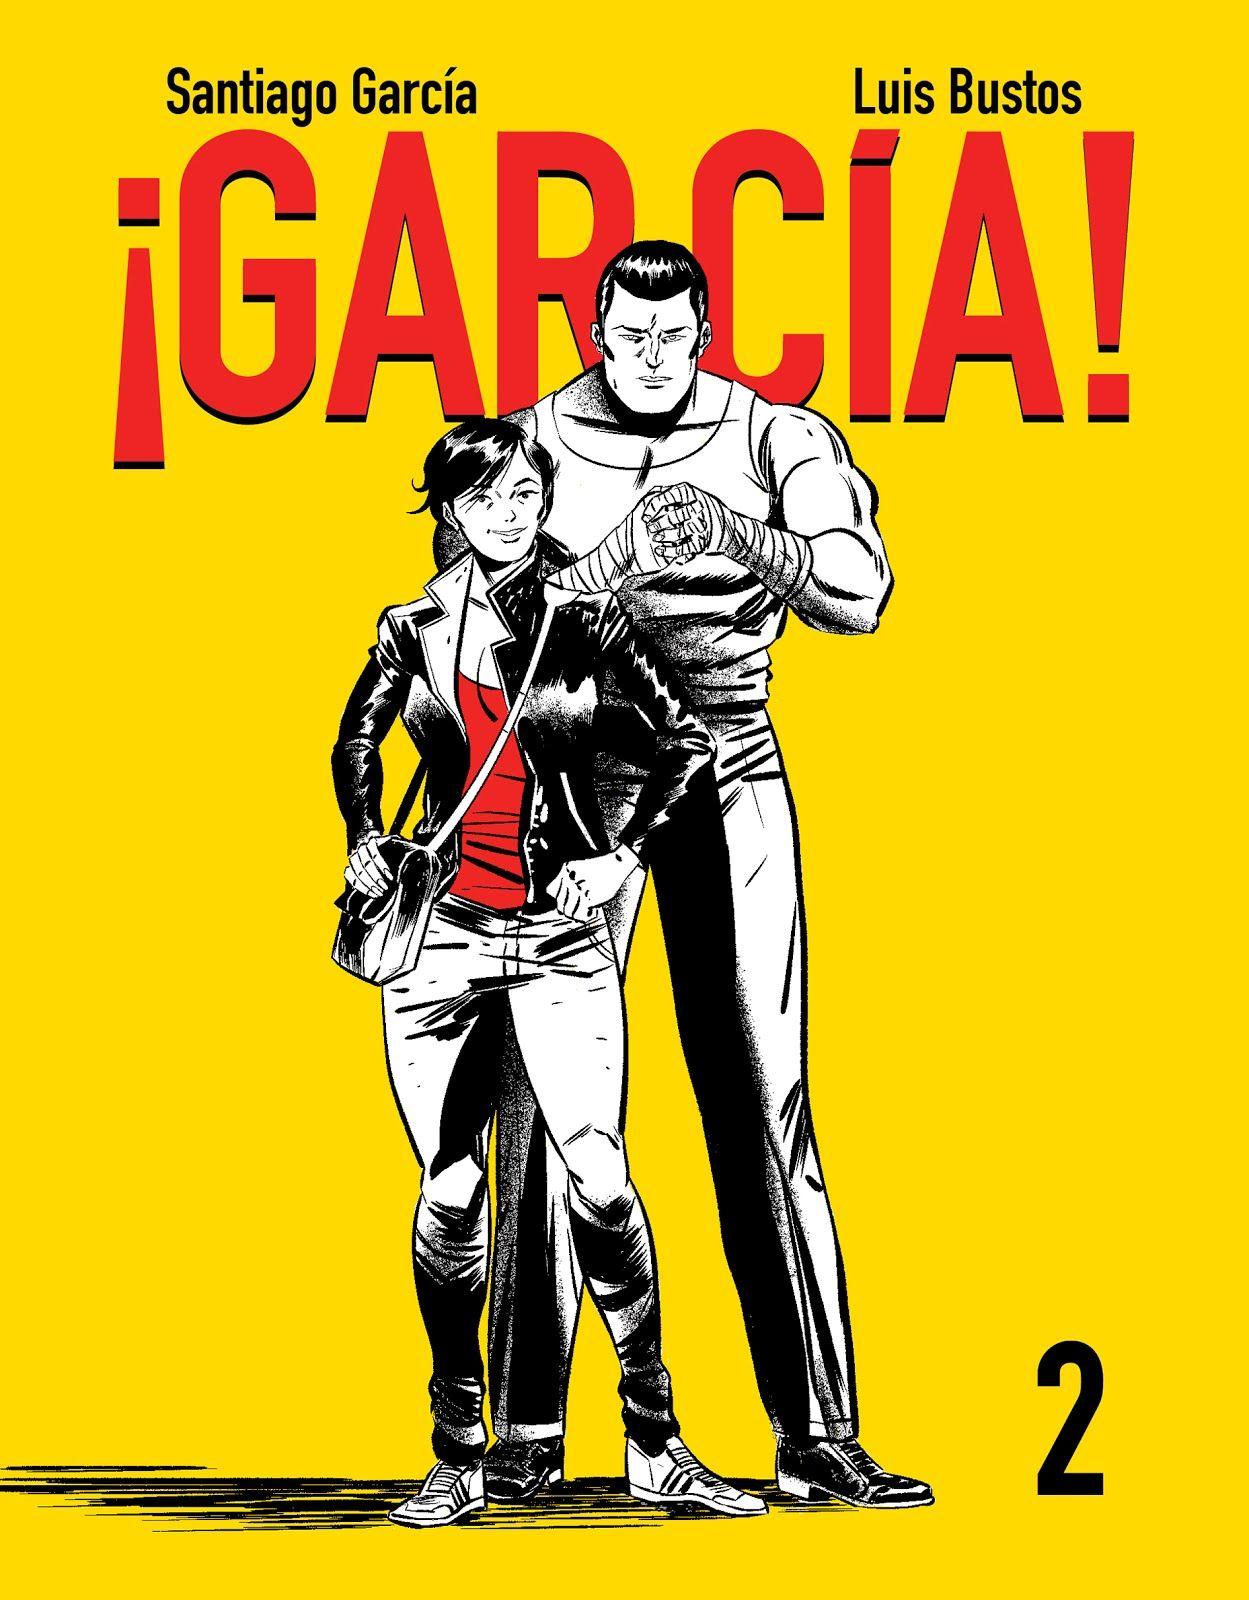 En este segundo tomo, con el que concluye la propuesta de Santiago García y Luis Bustos, Antonia sigue la pista del misterioso héroe del pasado con la intención de descubrir la verdad oculta que se esconde detrás de su figura. Pero lo que Antonia no imagina es que esa verdad oculta no sólo puede poner en cuestión todo el sistema político que mantiene el orden en España... http://absys.asturias.es/cgi-abnet_Bast/abnetop?SUBC=032401&ACC=DOSEARCH&xsqf03=luis+bustos+santiago+garcia